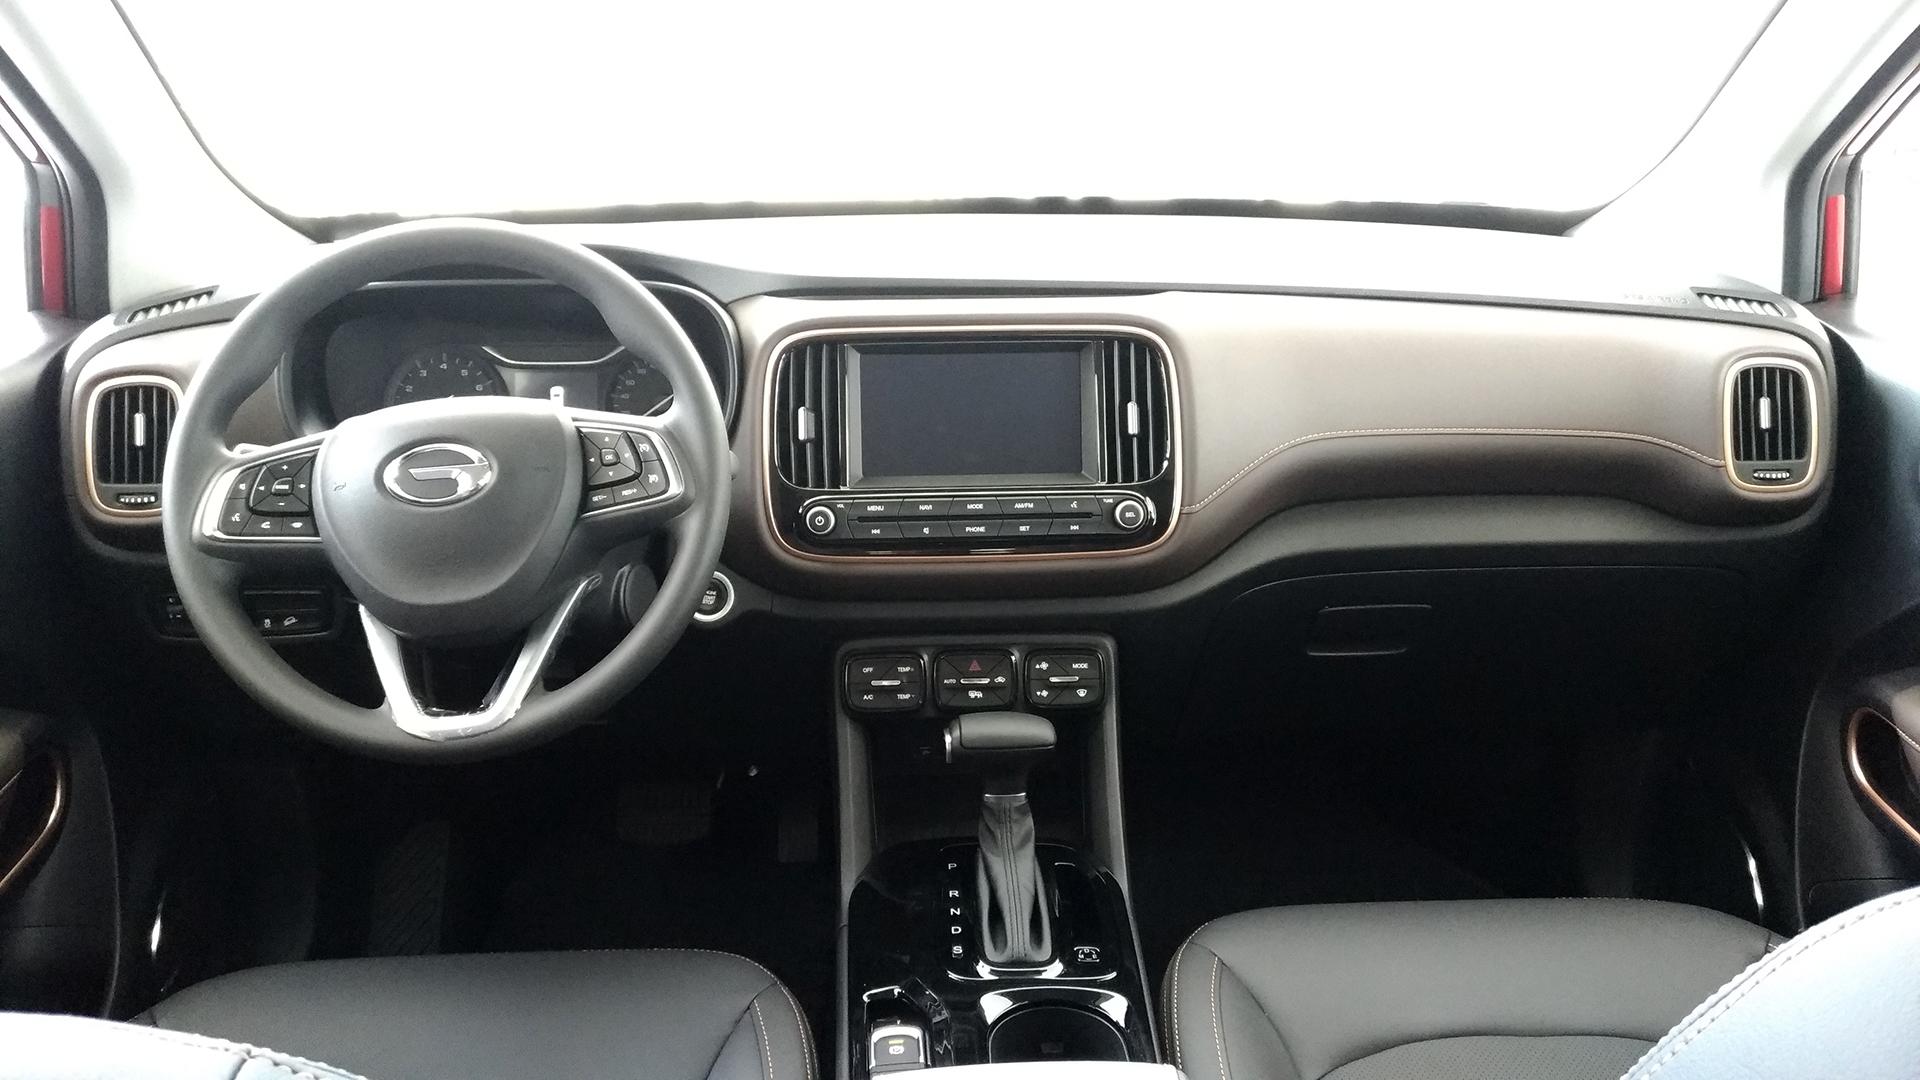 GAC GS3 SUV price in Pakistan